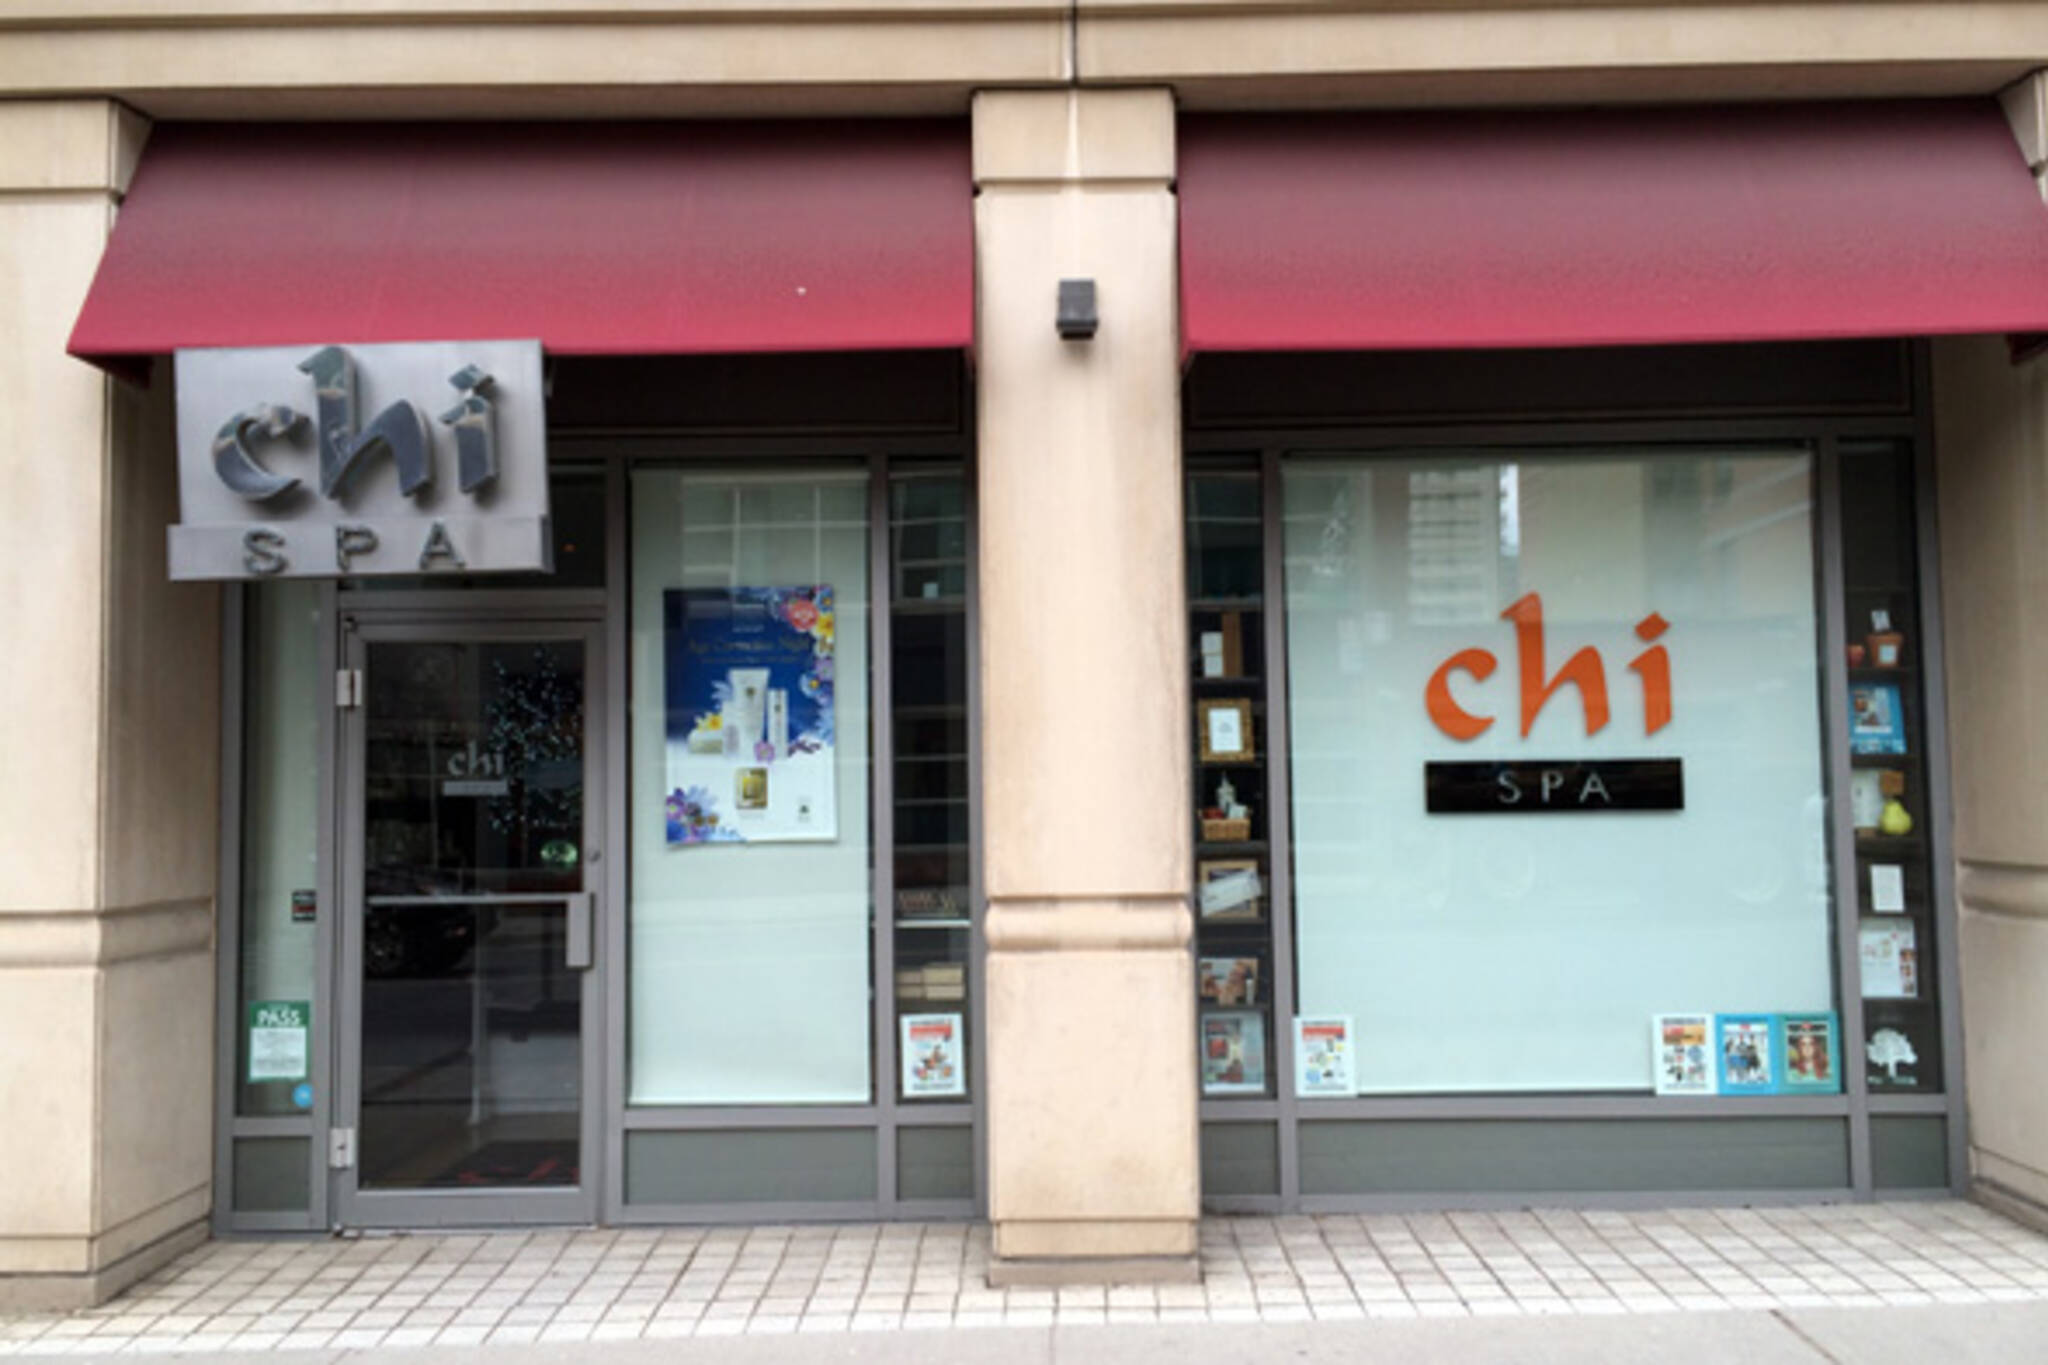 Chi Spa Toronto